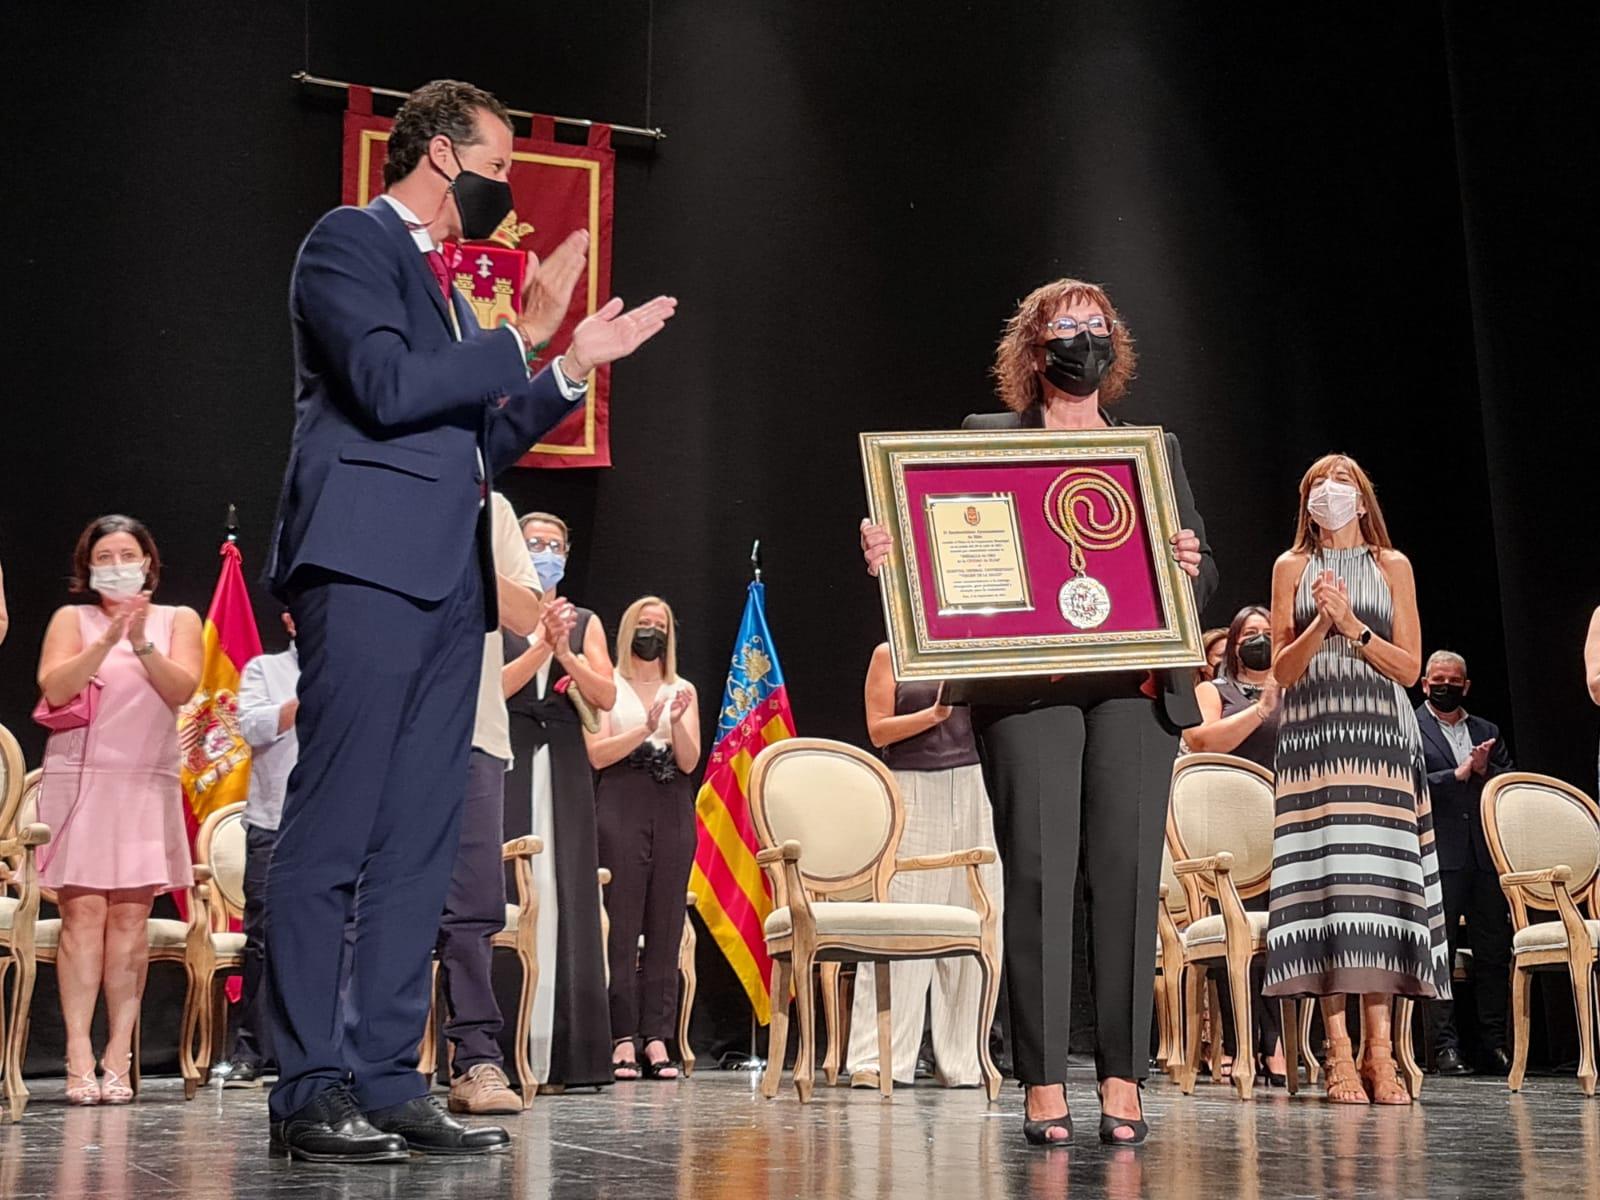 Elda abre sus Fiestas Mayores con la entrega de la Medalla de Oro de la Ciudad al Hospital  'Virgen de la Salud' por la labor realizada desde su apertura y durante la pandemia